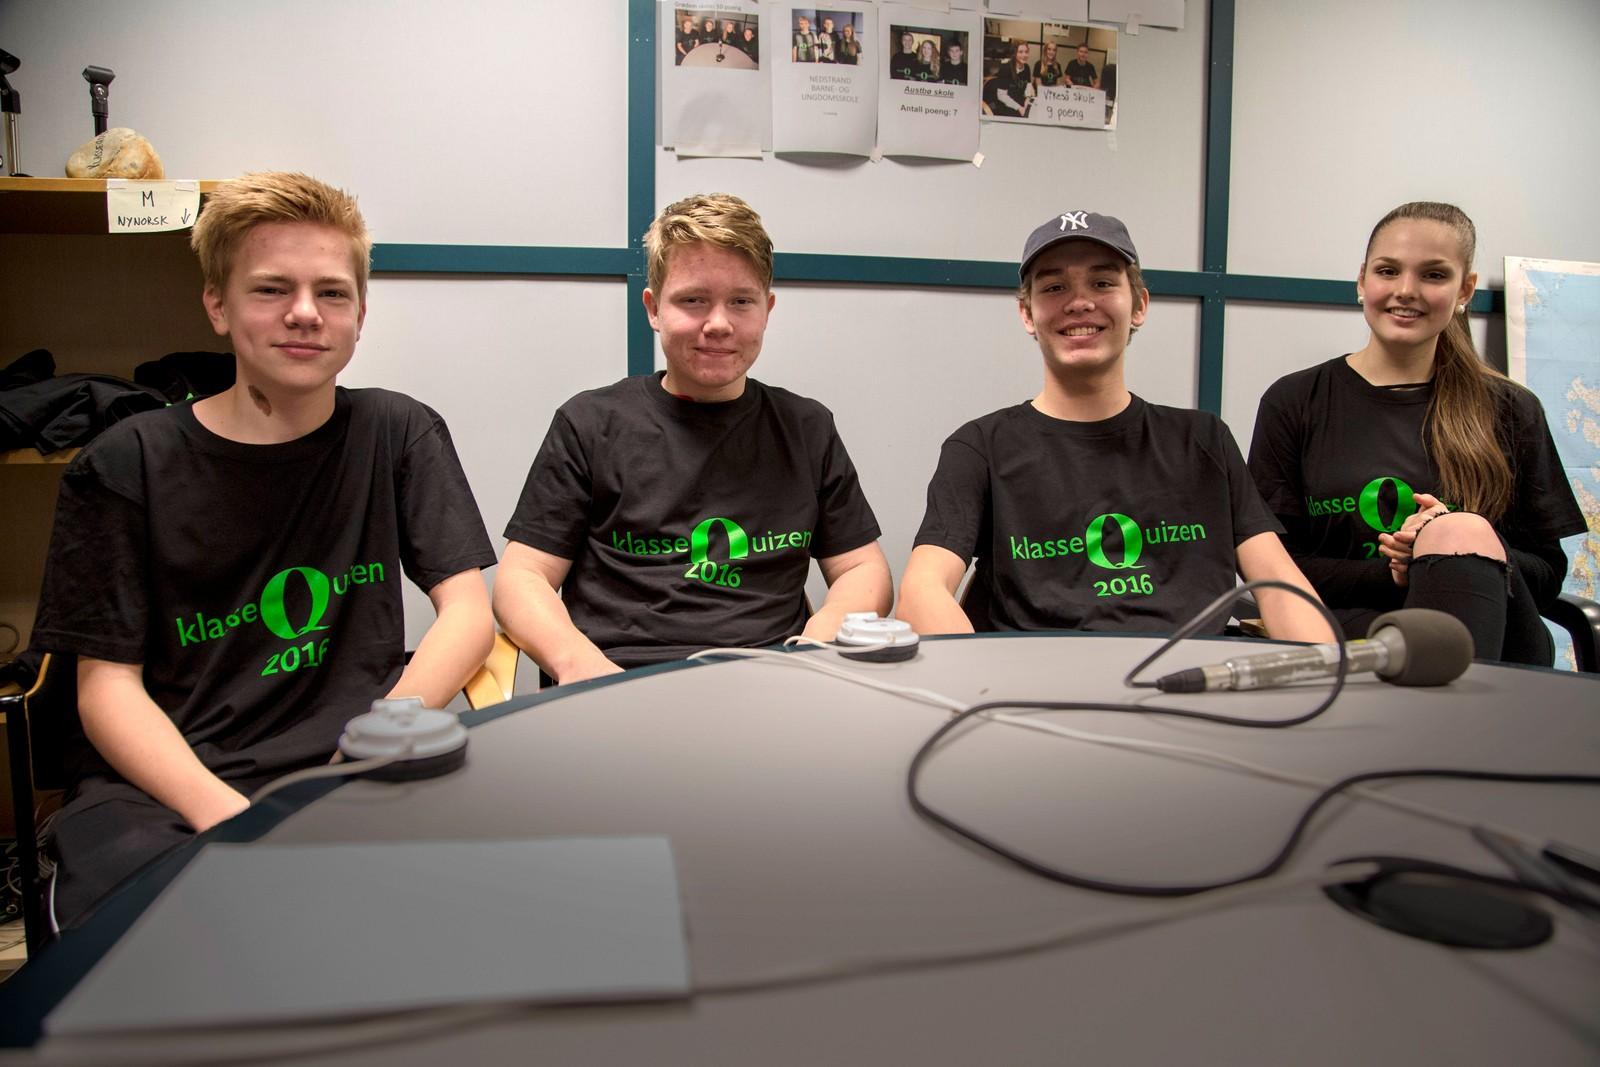 TI POENG: Laget fra Riska ungdomsskole: Mads Ericson, Simen Landmark, Steffen Ulfsnes, og reserve Tiril Maudal.